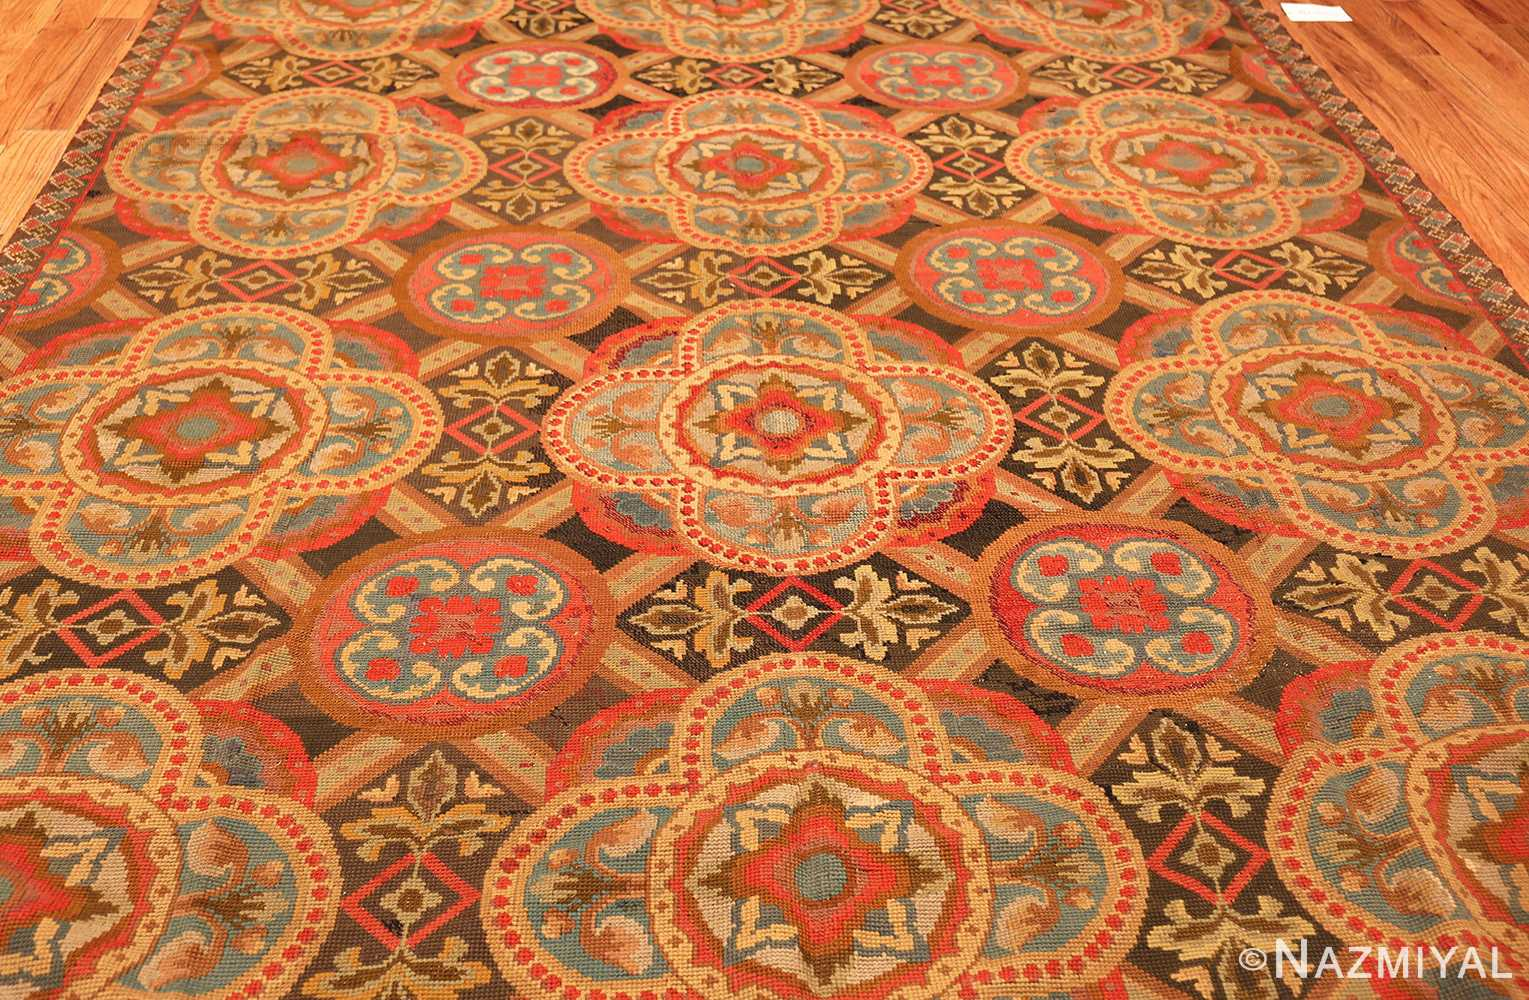 antique needlepoint english rug 2633 field Nazmiyal